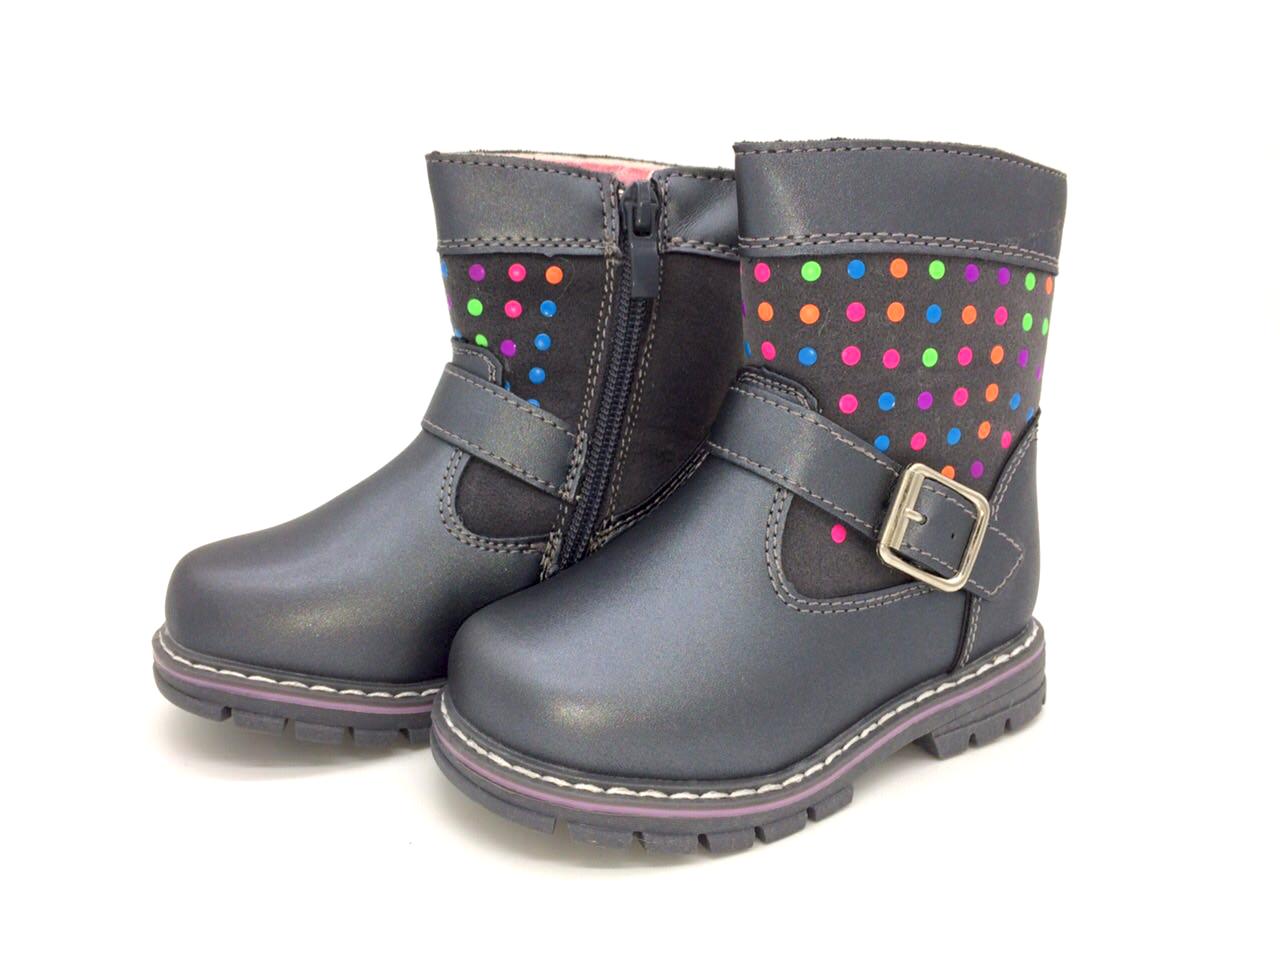 Ботинки осень-зима для девочек Clibee Размеры: 22,23,24,26,27